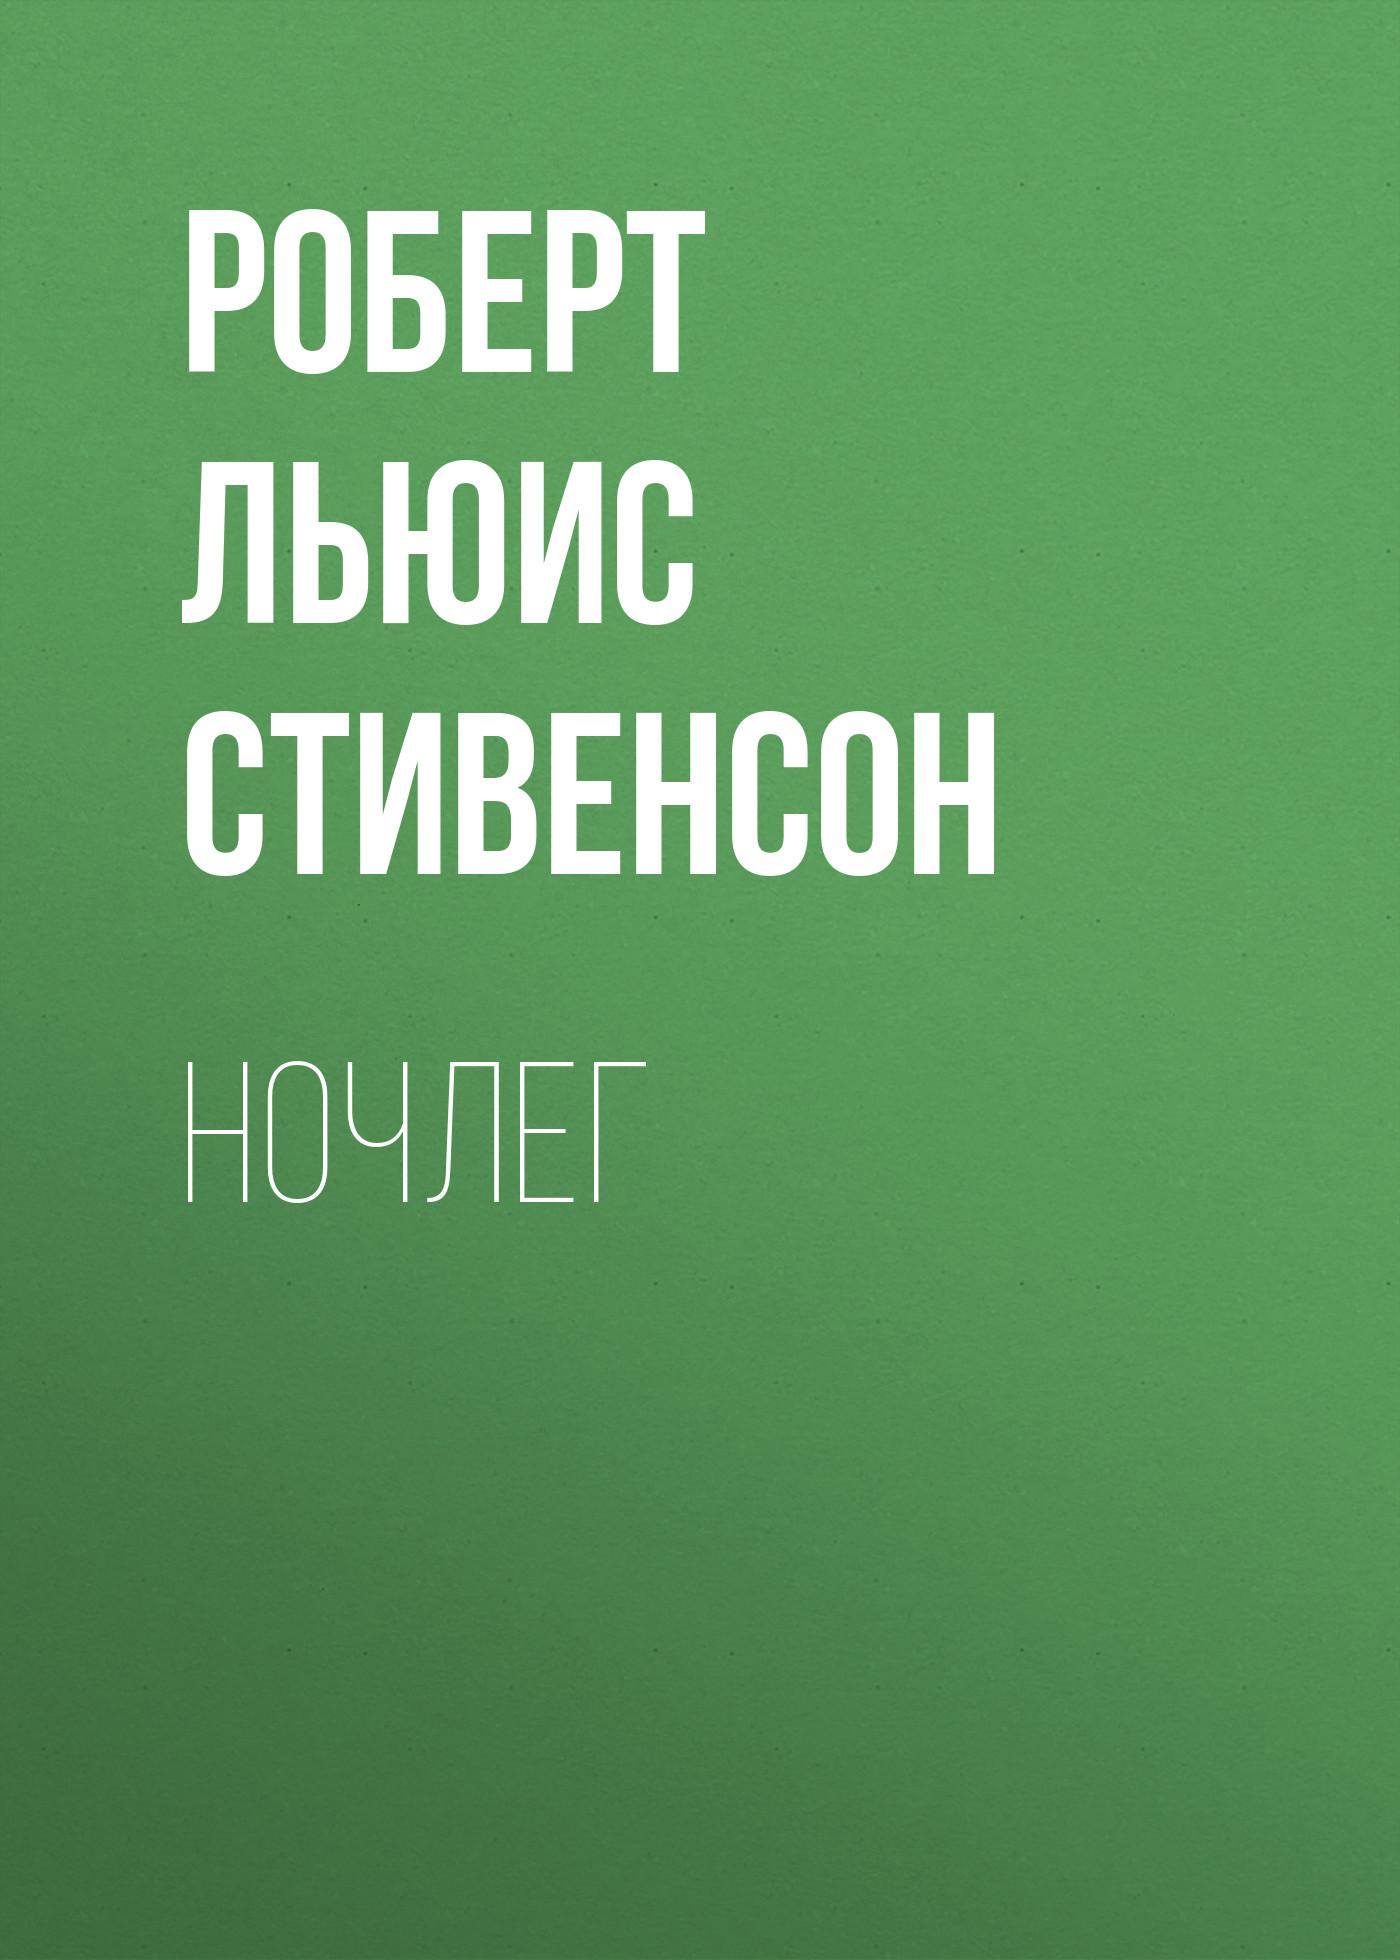 Купить книгу Ночлег, автора Роберта Льюиса Стивенсона